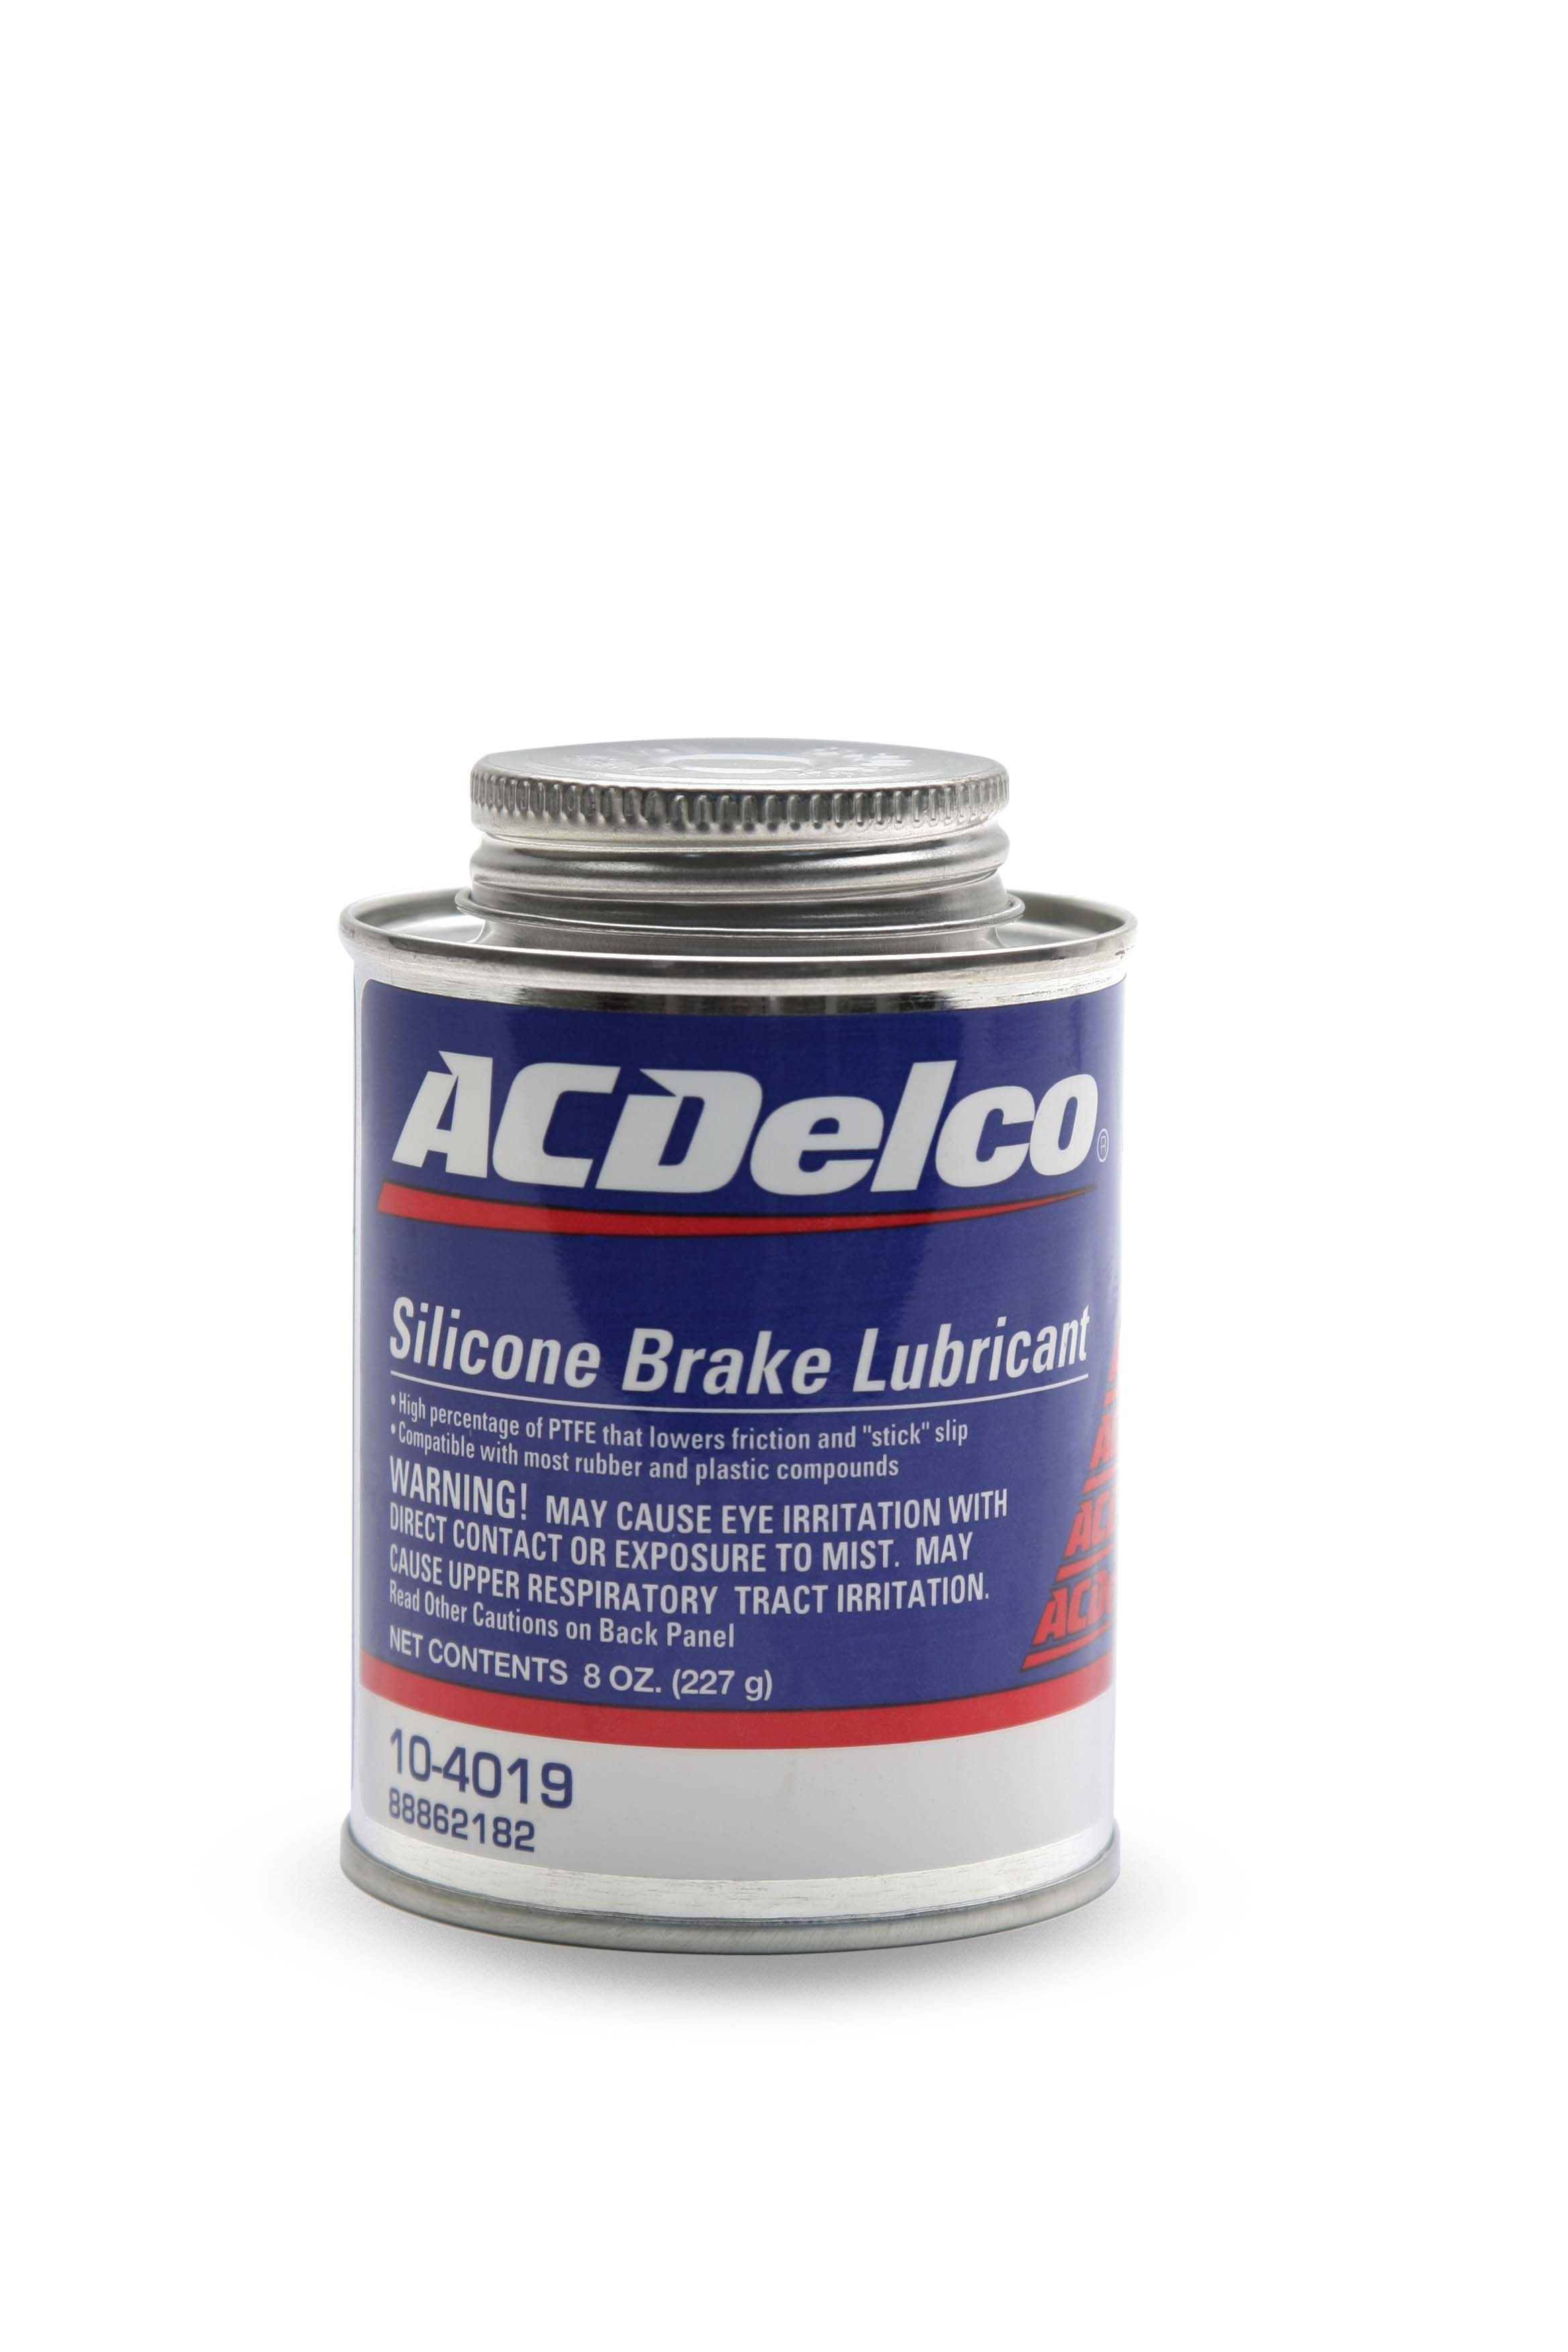 Acdelco Canada Silicone Brake Lubricant